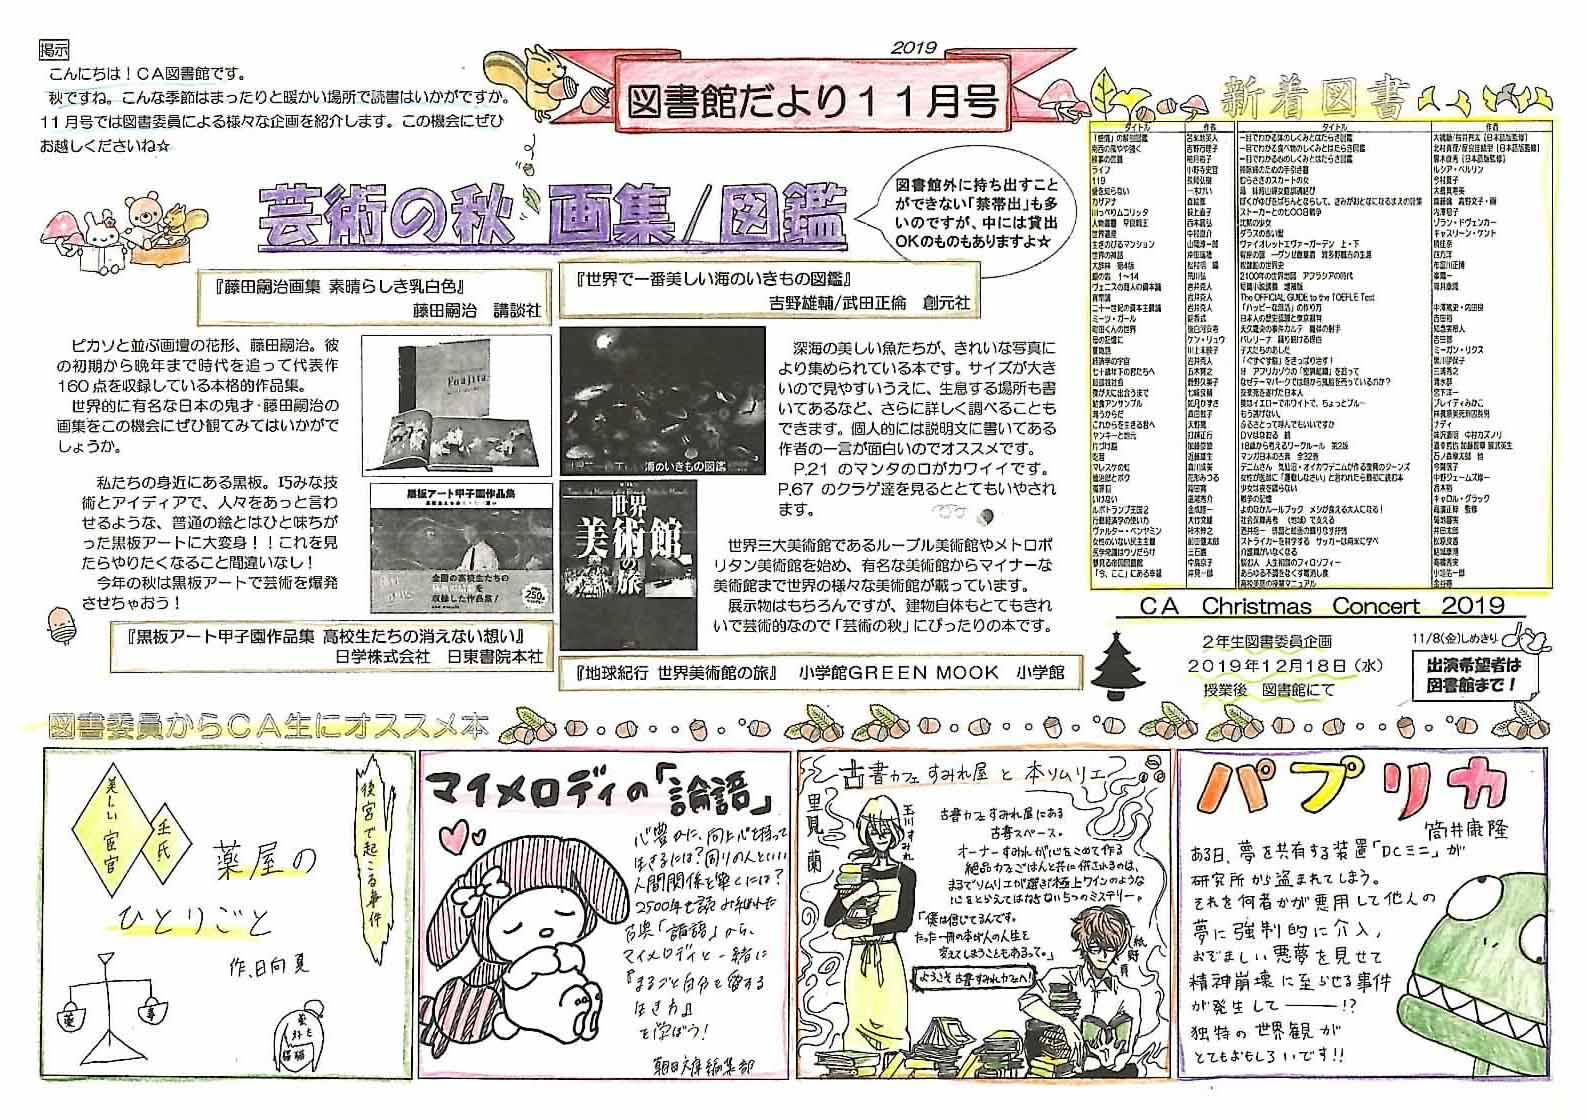 http://www.nagoya-ch.ed.jp/blog/news/images/EPSON_0161_1.jpg